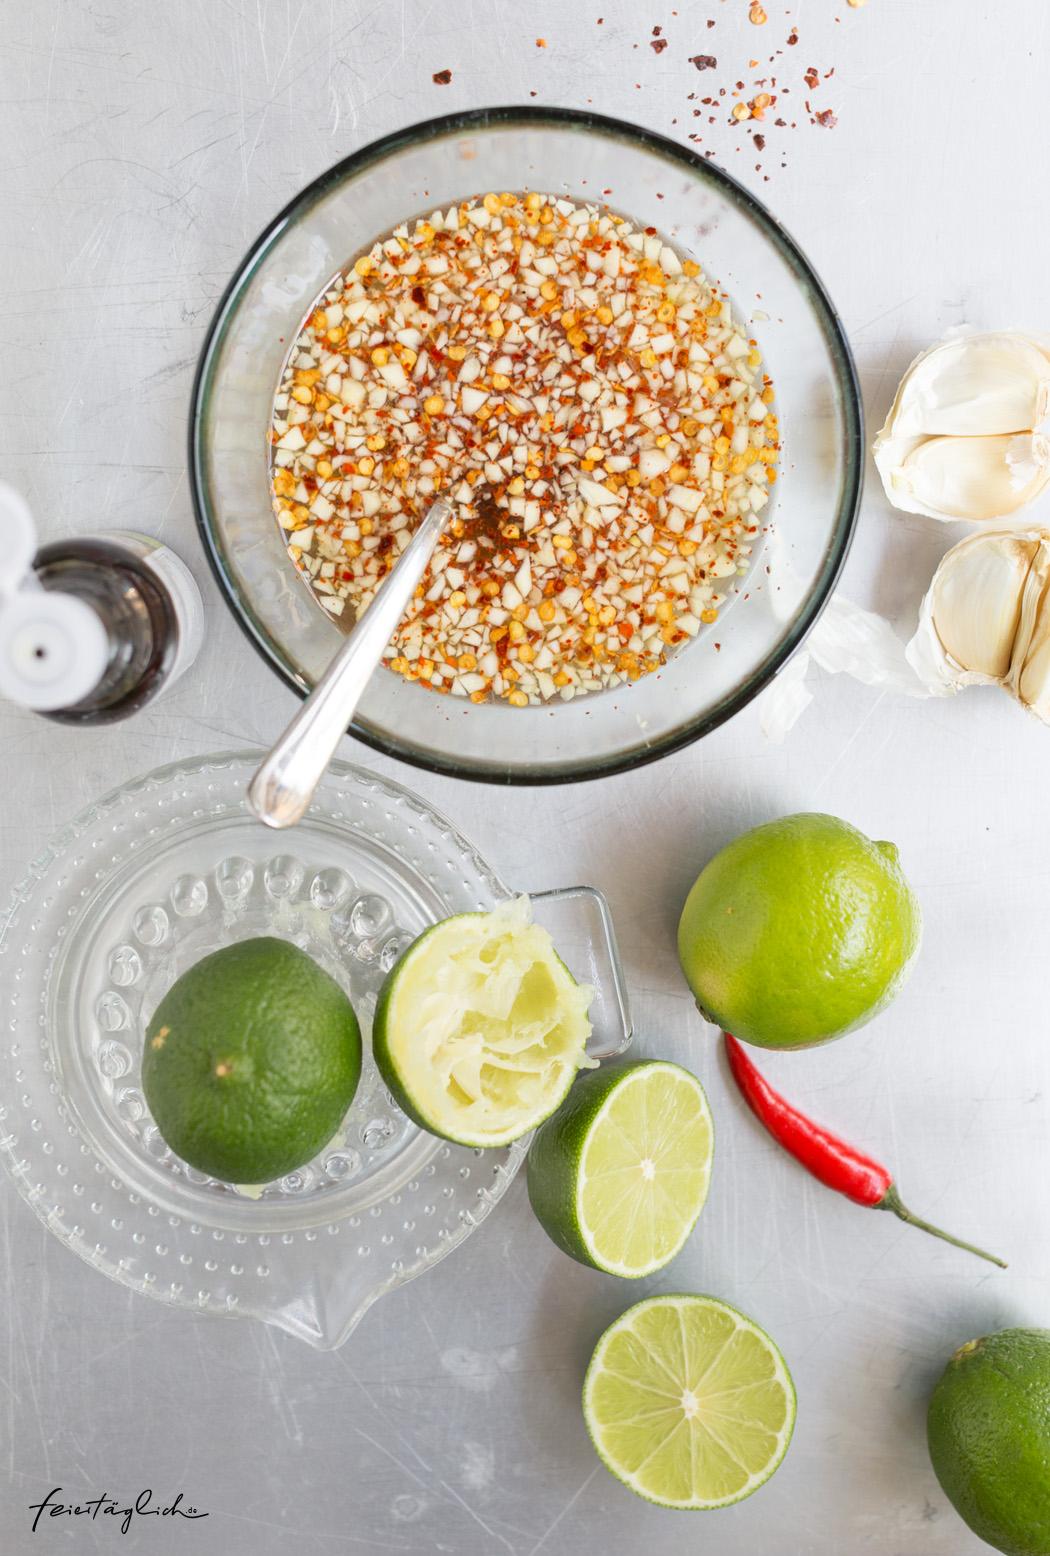 Rezept für Nuoc Cham, Vietnamesische Bun Bo mit Maultaschen, Rezept für einen leckeren Glasnudelsalat in der Bowl, Zubereitung